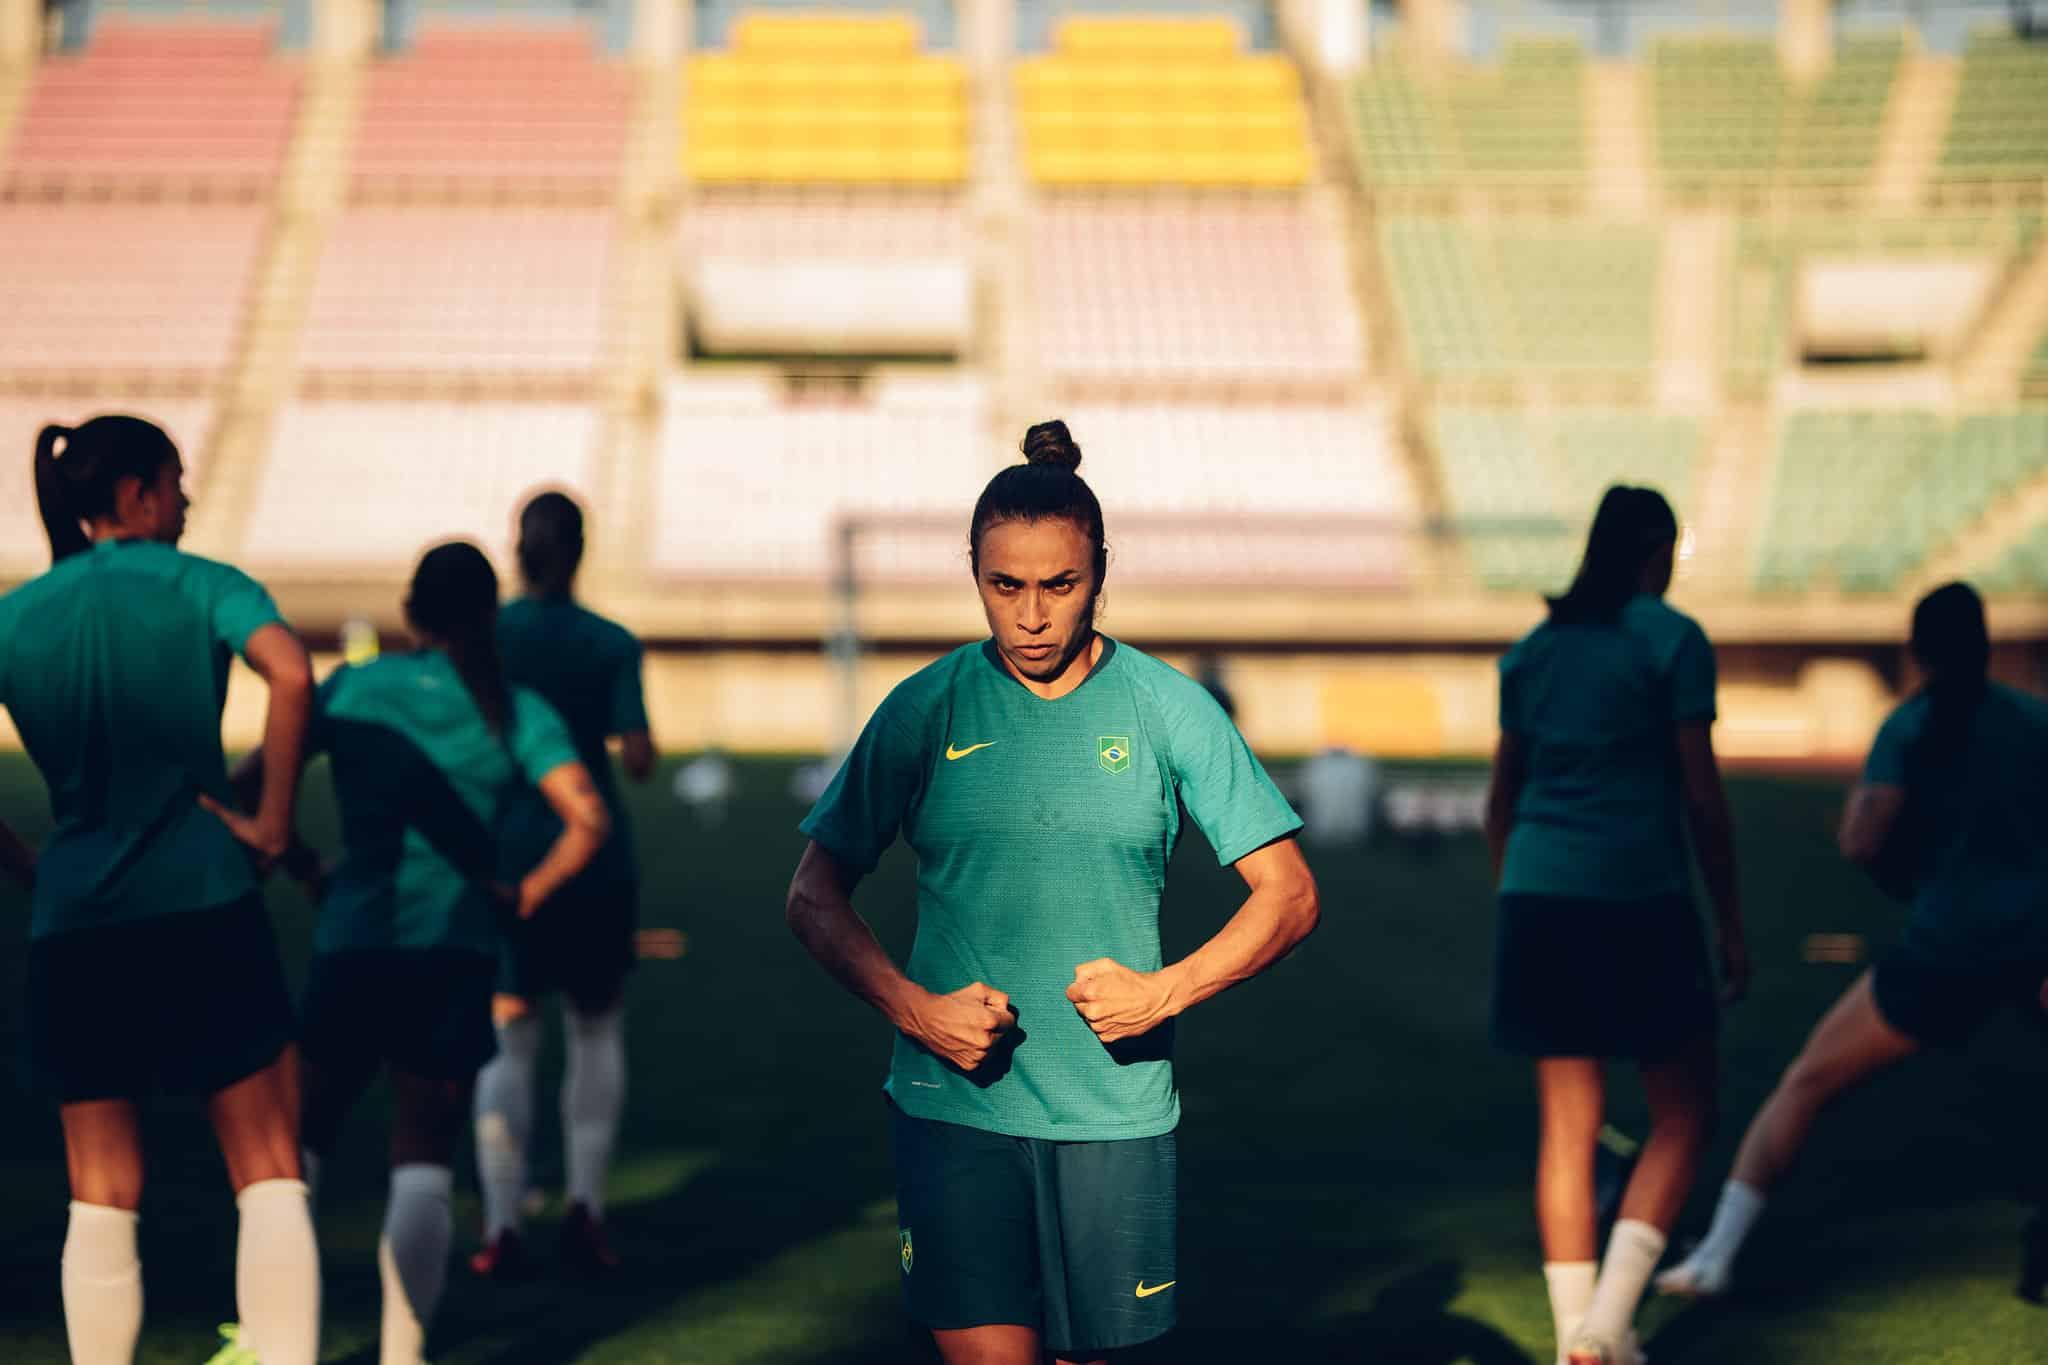 Seleção Feminina treina com foco na estreia diante da China nos Jogos Olímpicos de Tóquio